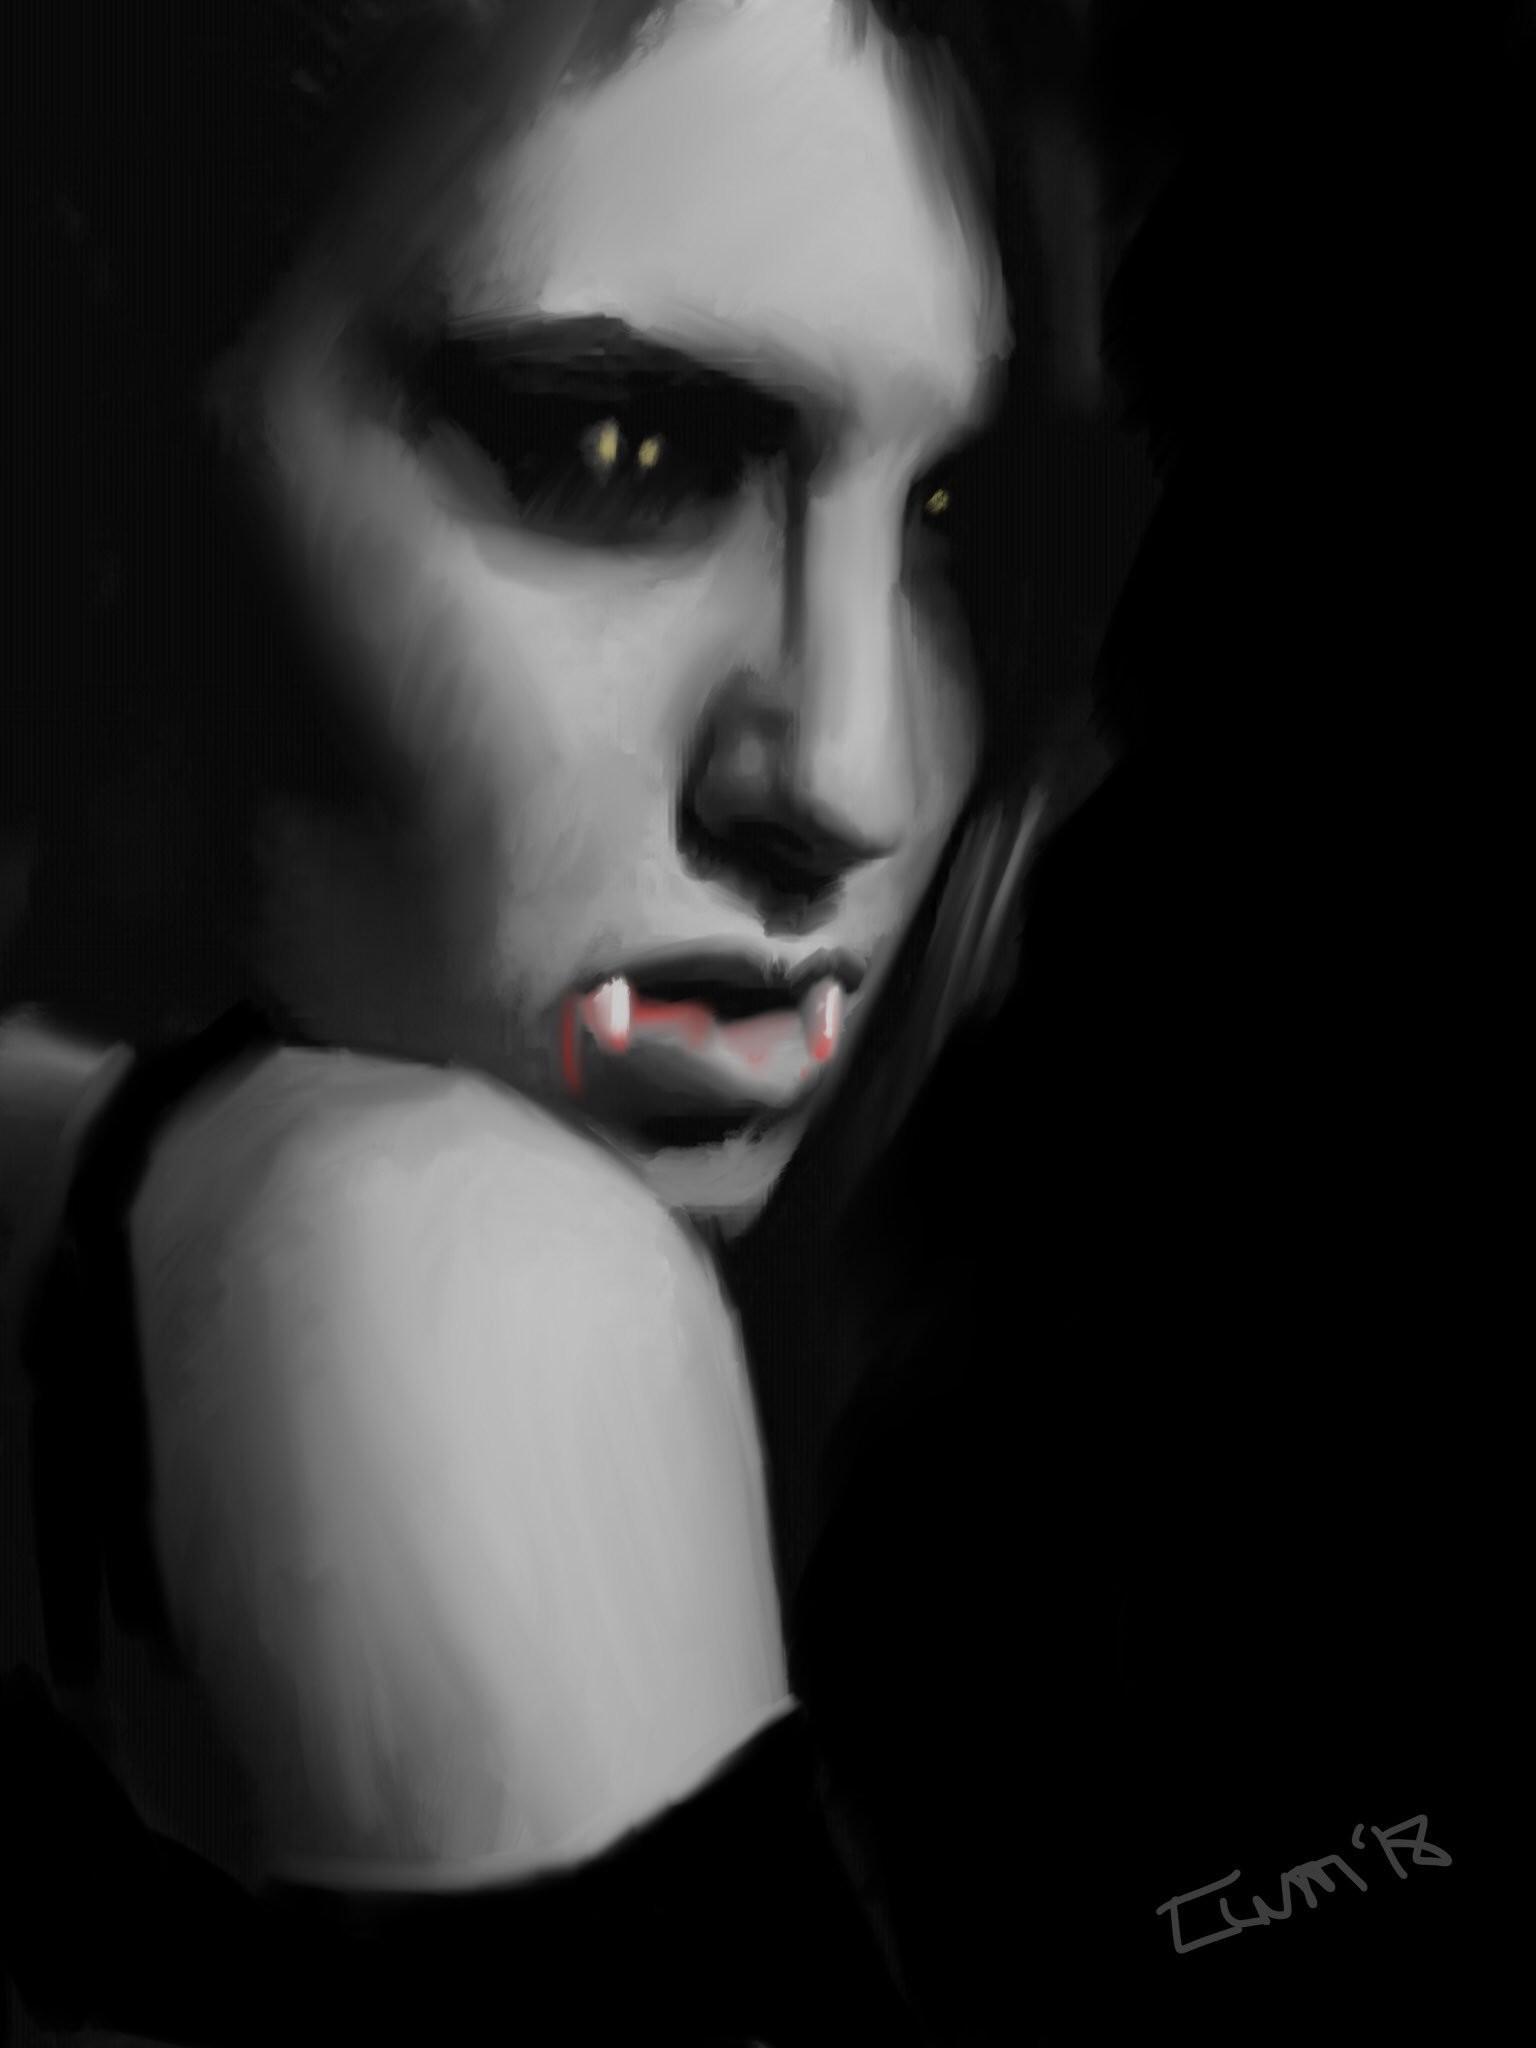 Craig morrison vampire